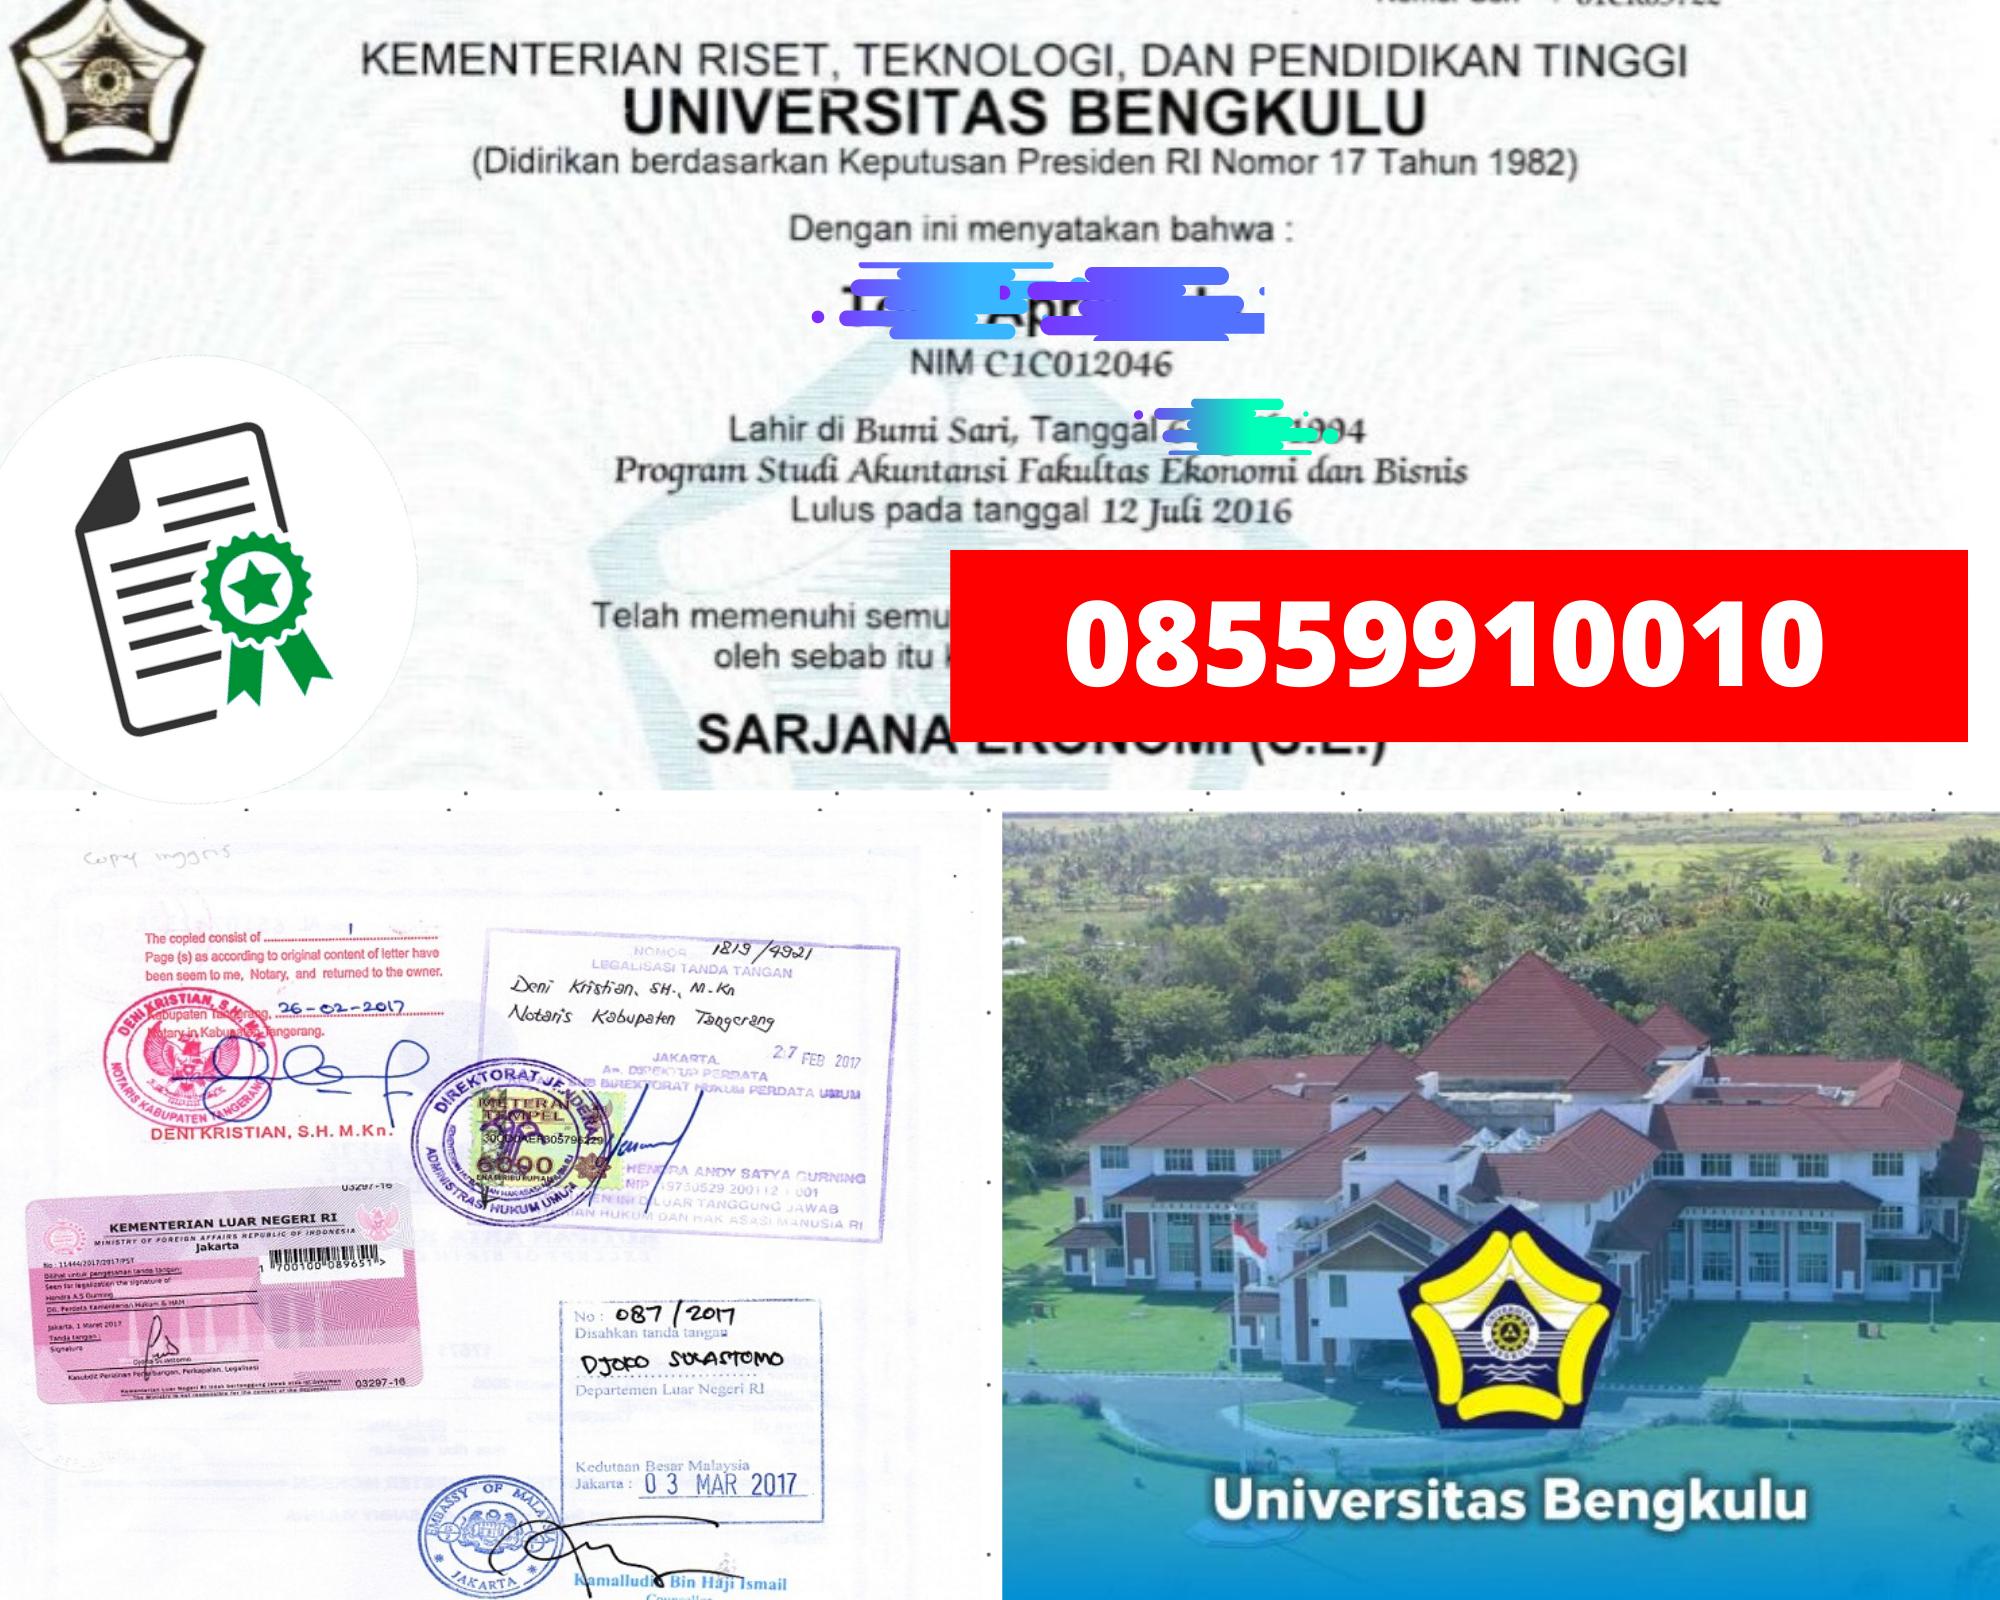 Legalisir Ijazah Universitas Bengkulu Di Kemenristek Dikti || 08559910010